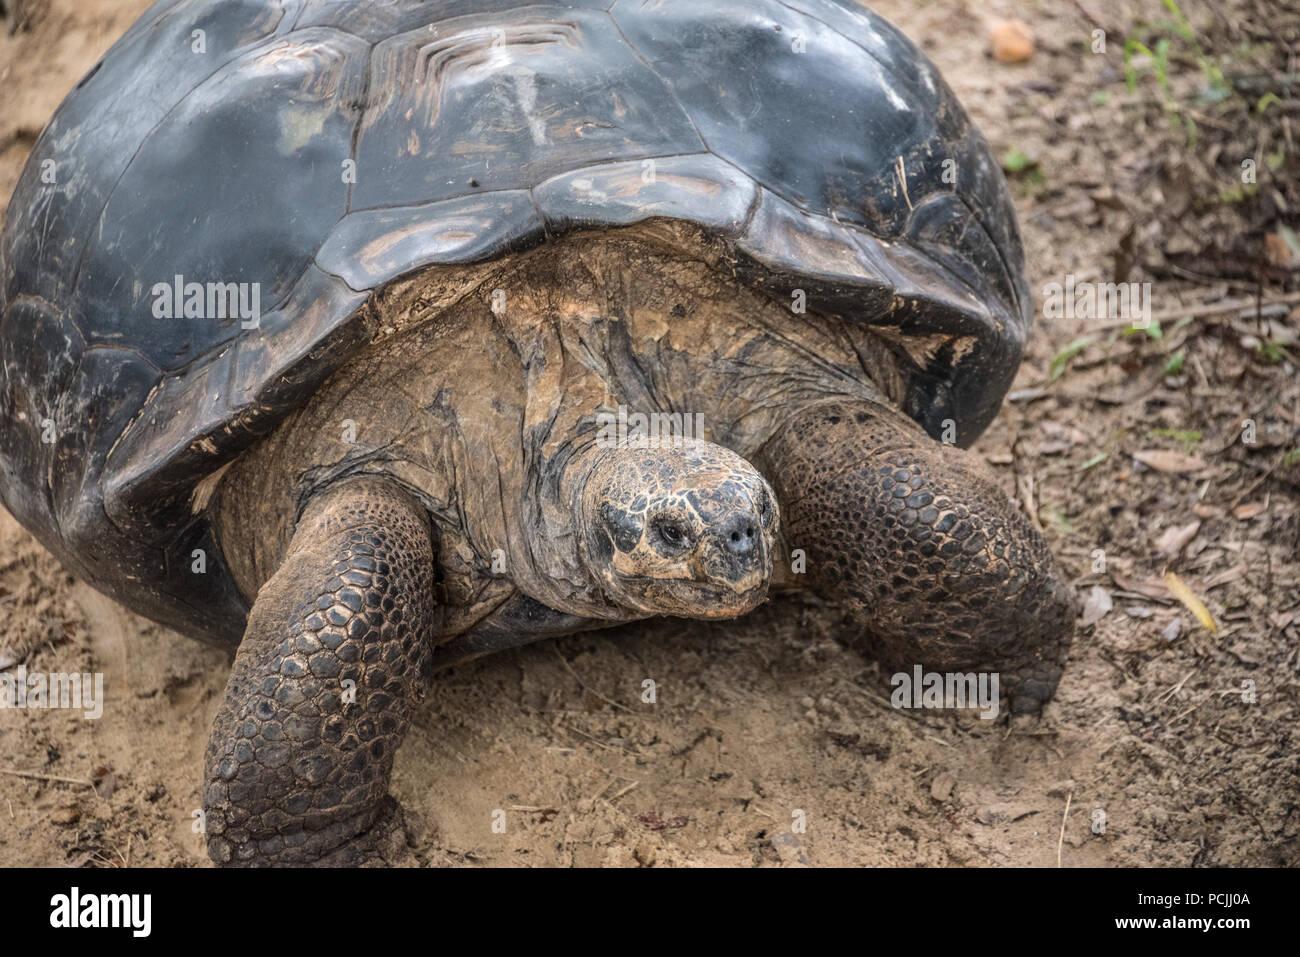 """Langsamer Bereich """"Schildkröte"""" bei St. Augustine Alligator Farm Tierpark in St. Augustine, Florida. (USA) Stockbild"""